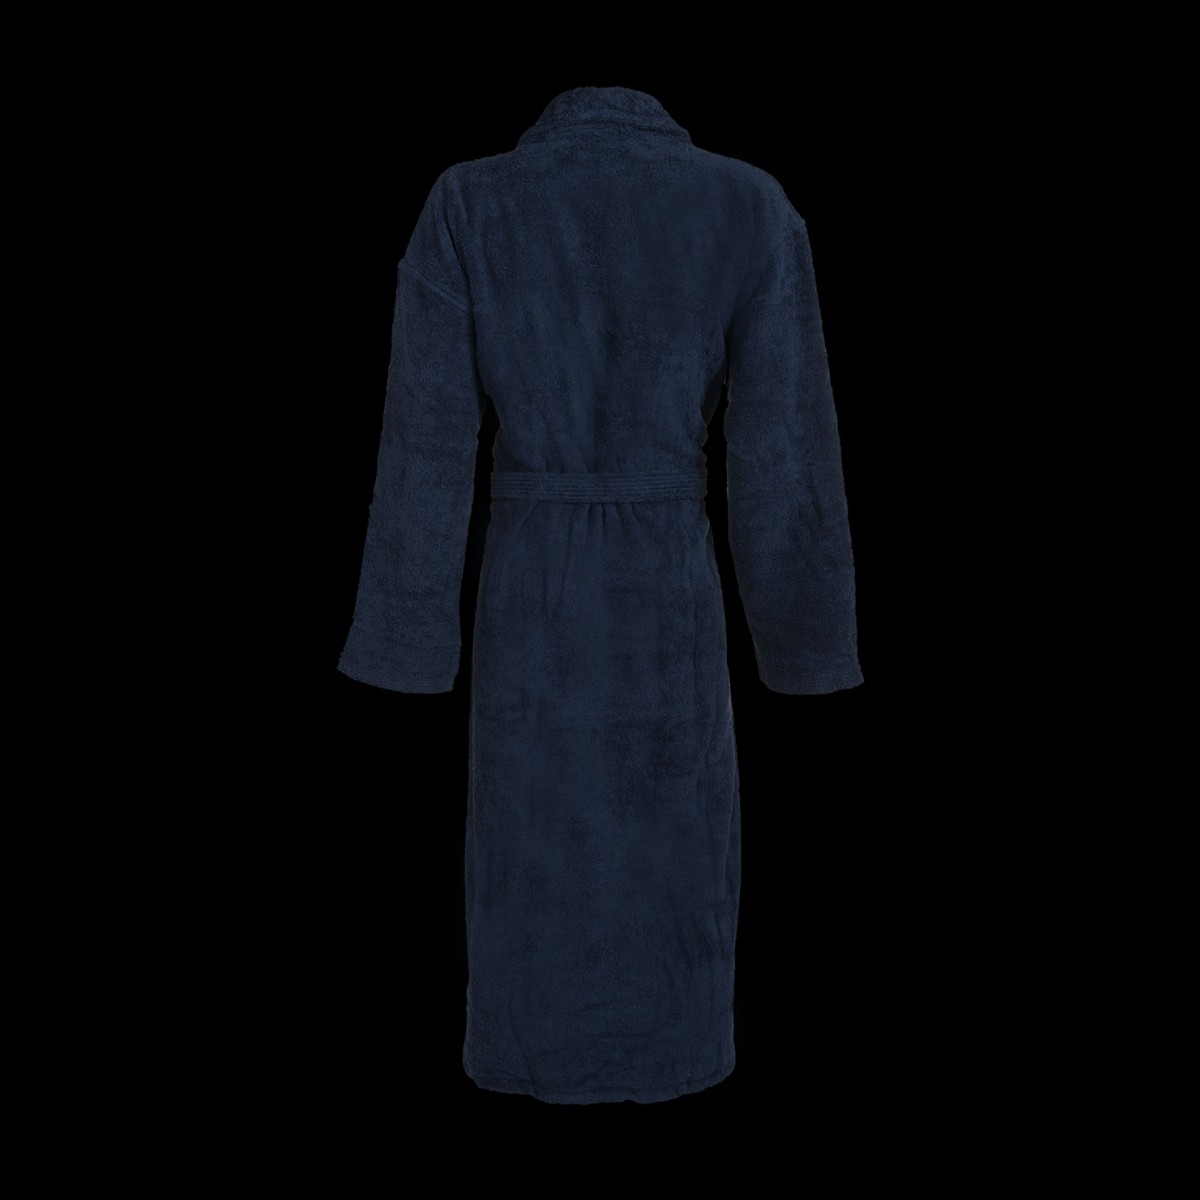 grote-maten-badjas-blauw